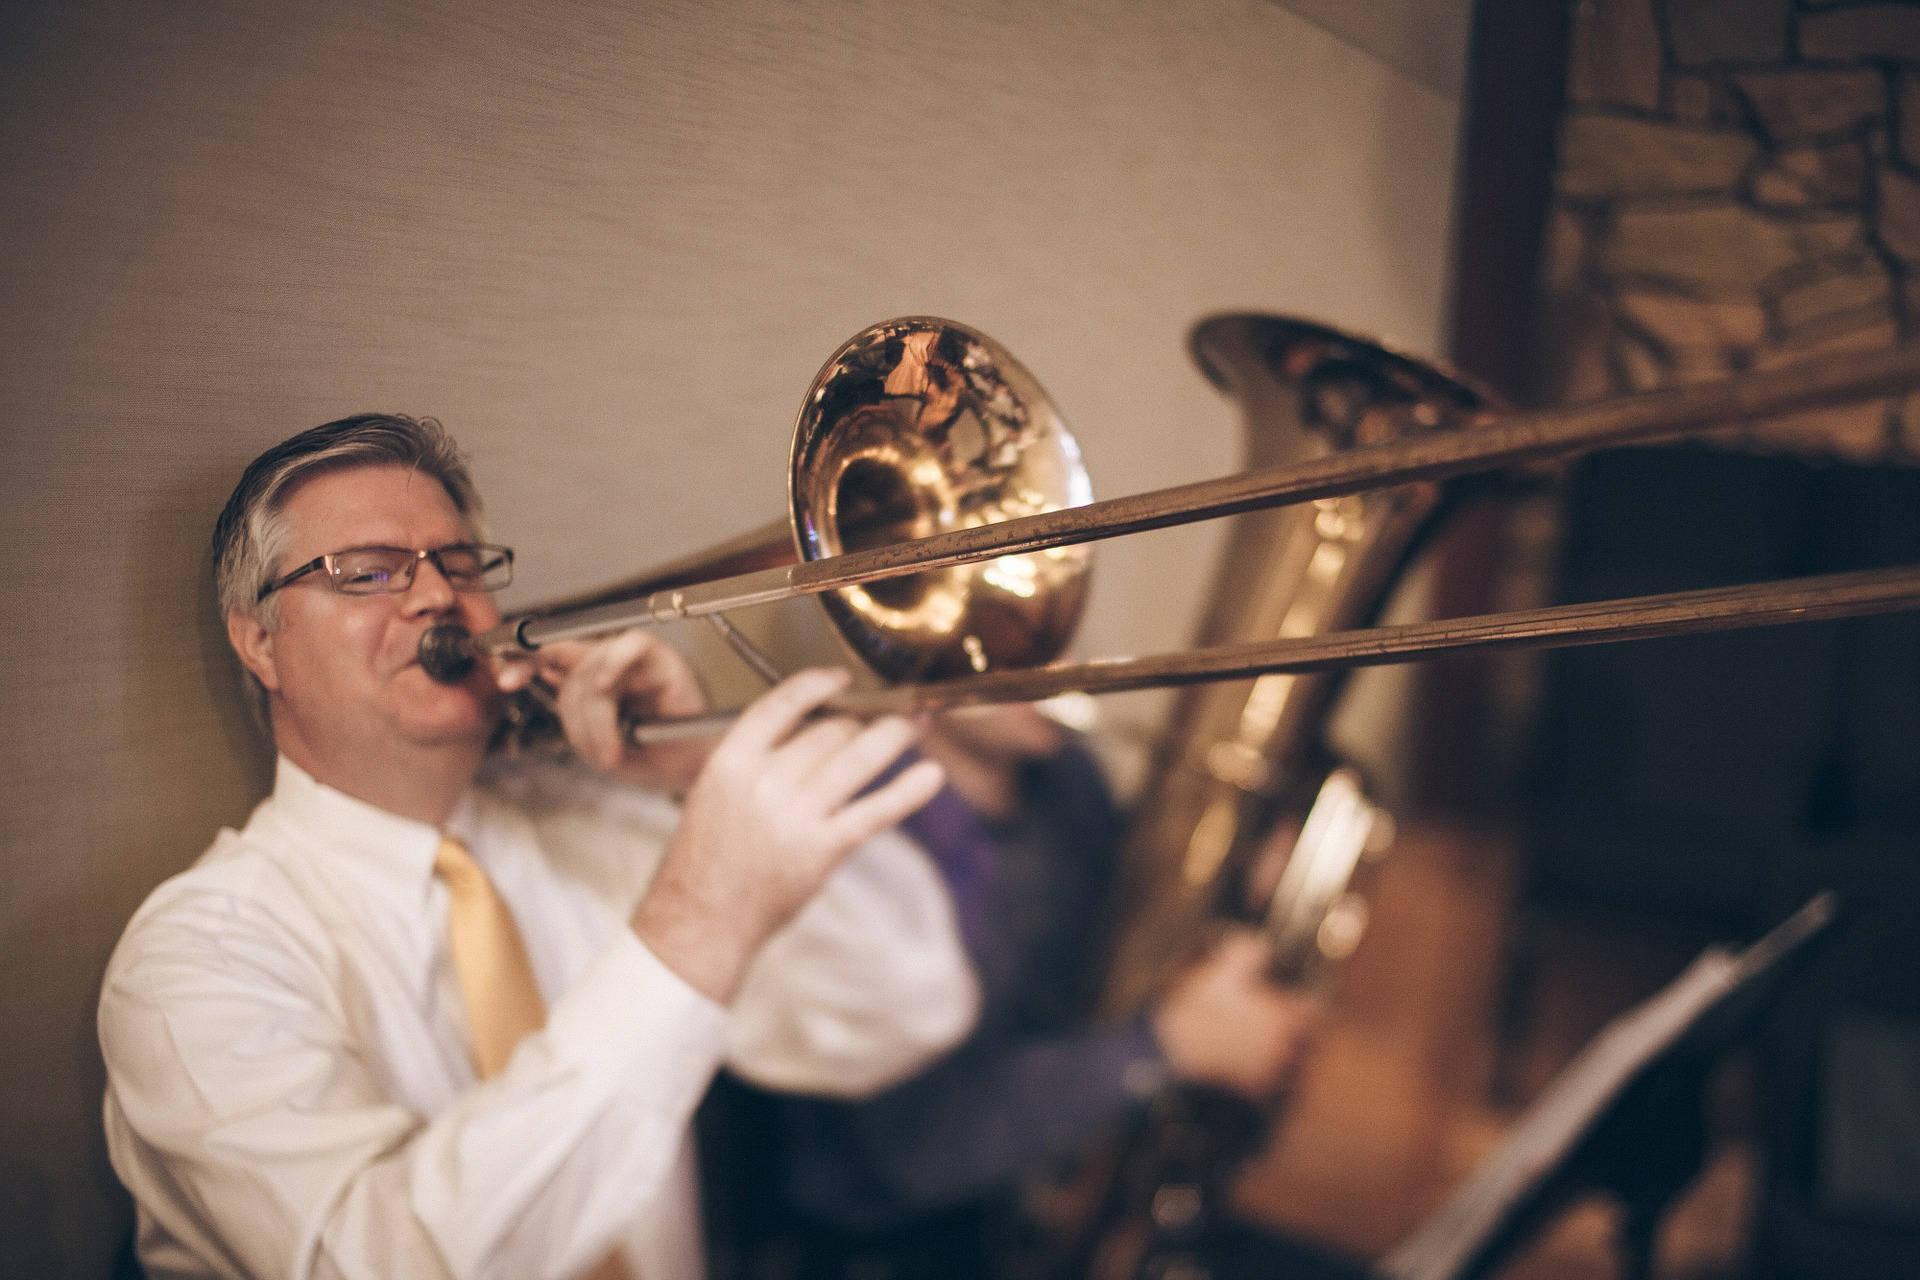 posaune-ehrenfelder-musikschule-köln mann nach oben